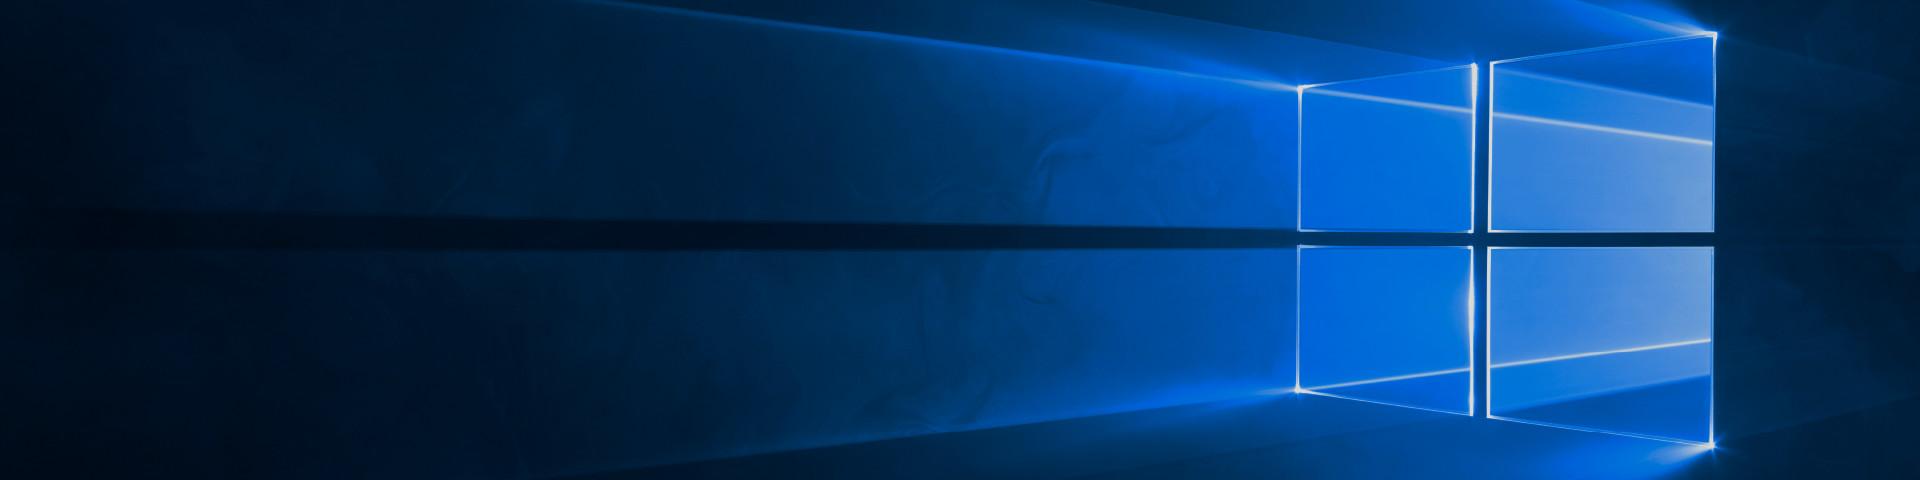 Işık pencereden parıldıyor, Windows 10'u satın alın ve indirin.